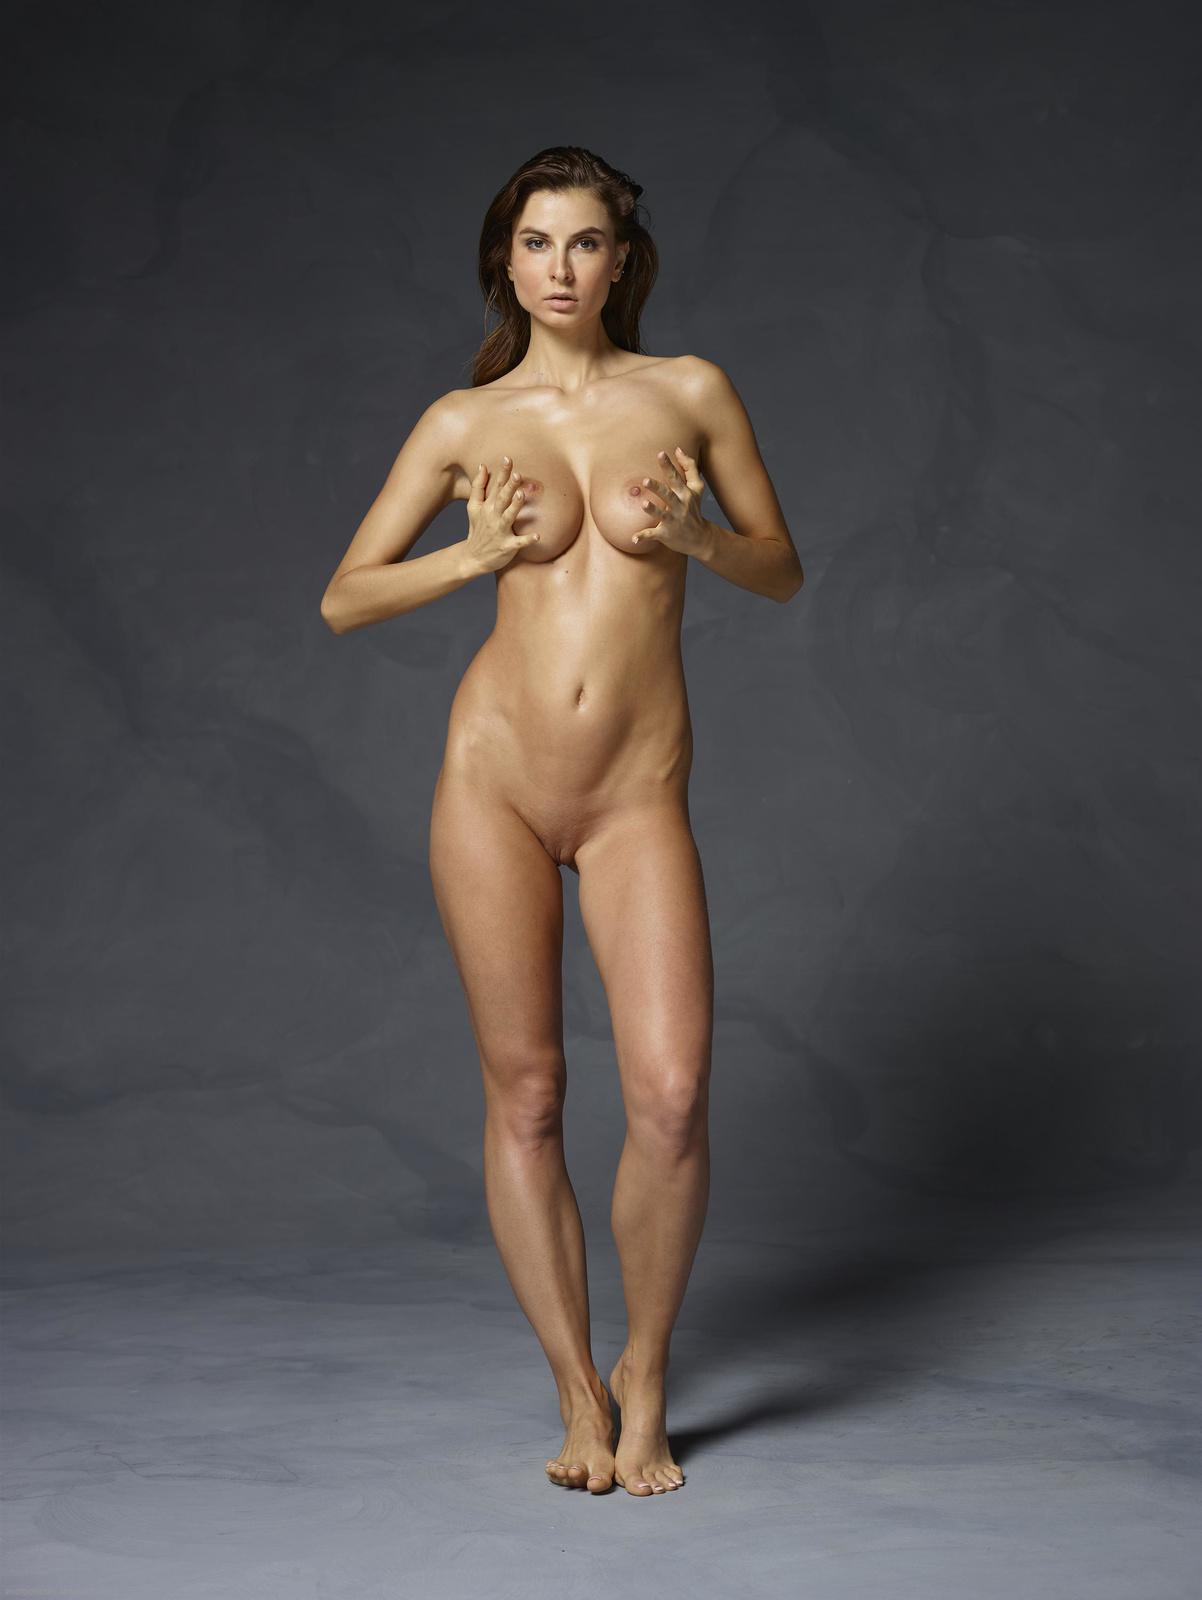 Zdjęcie porno - 0621 - Jędrne ciałko super babki